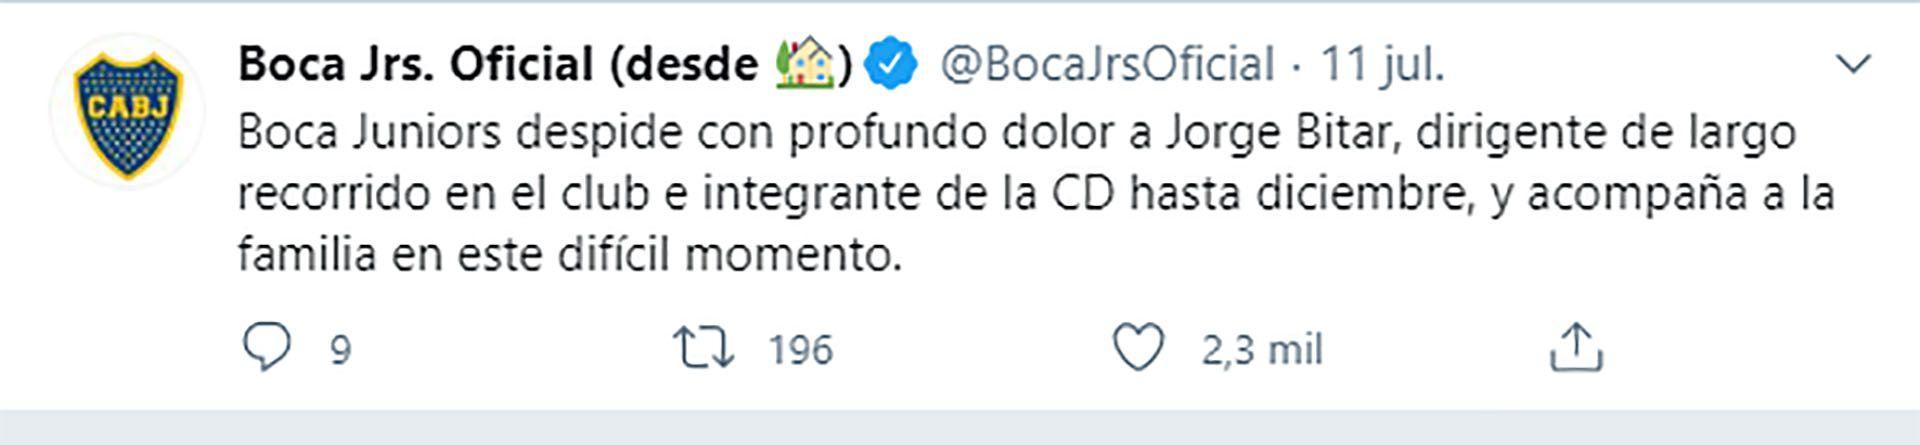 Jorge Bitar - Boca